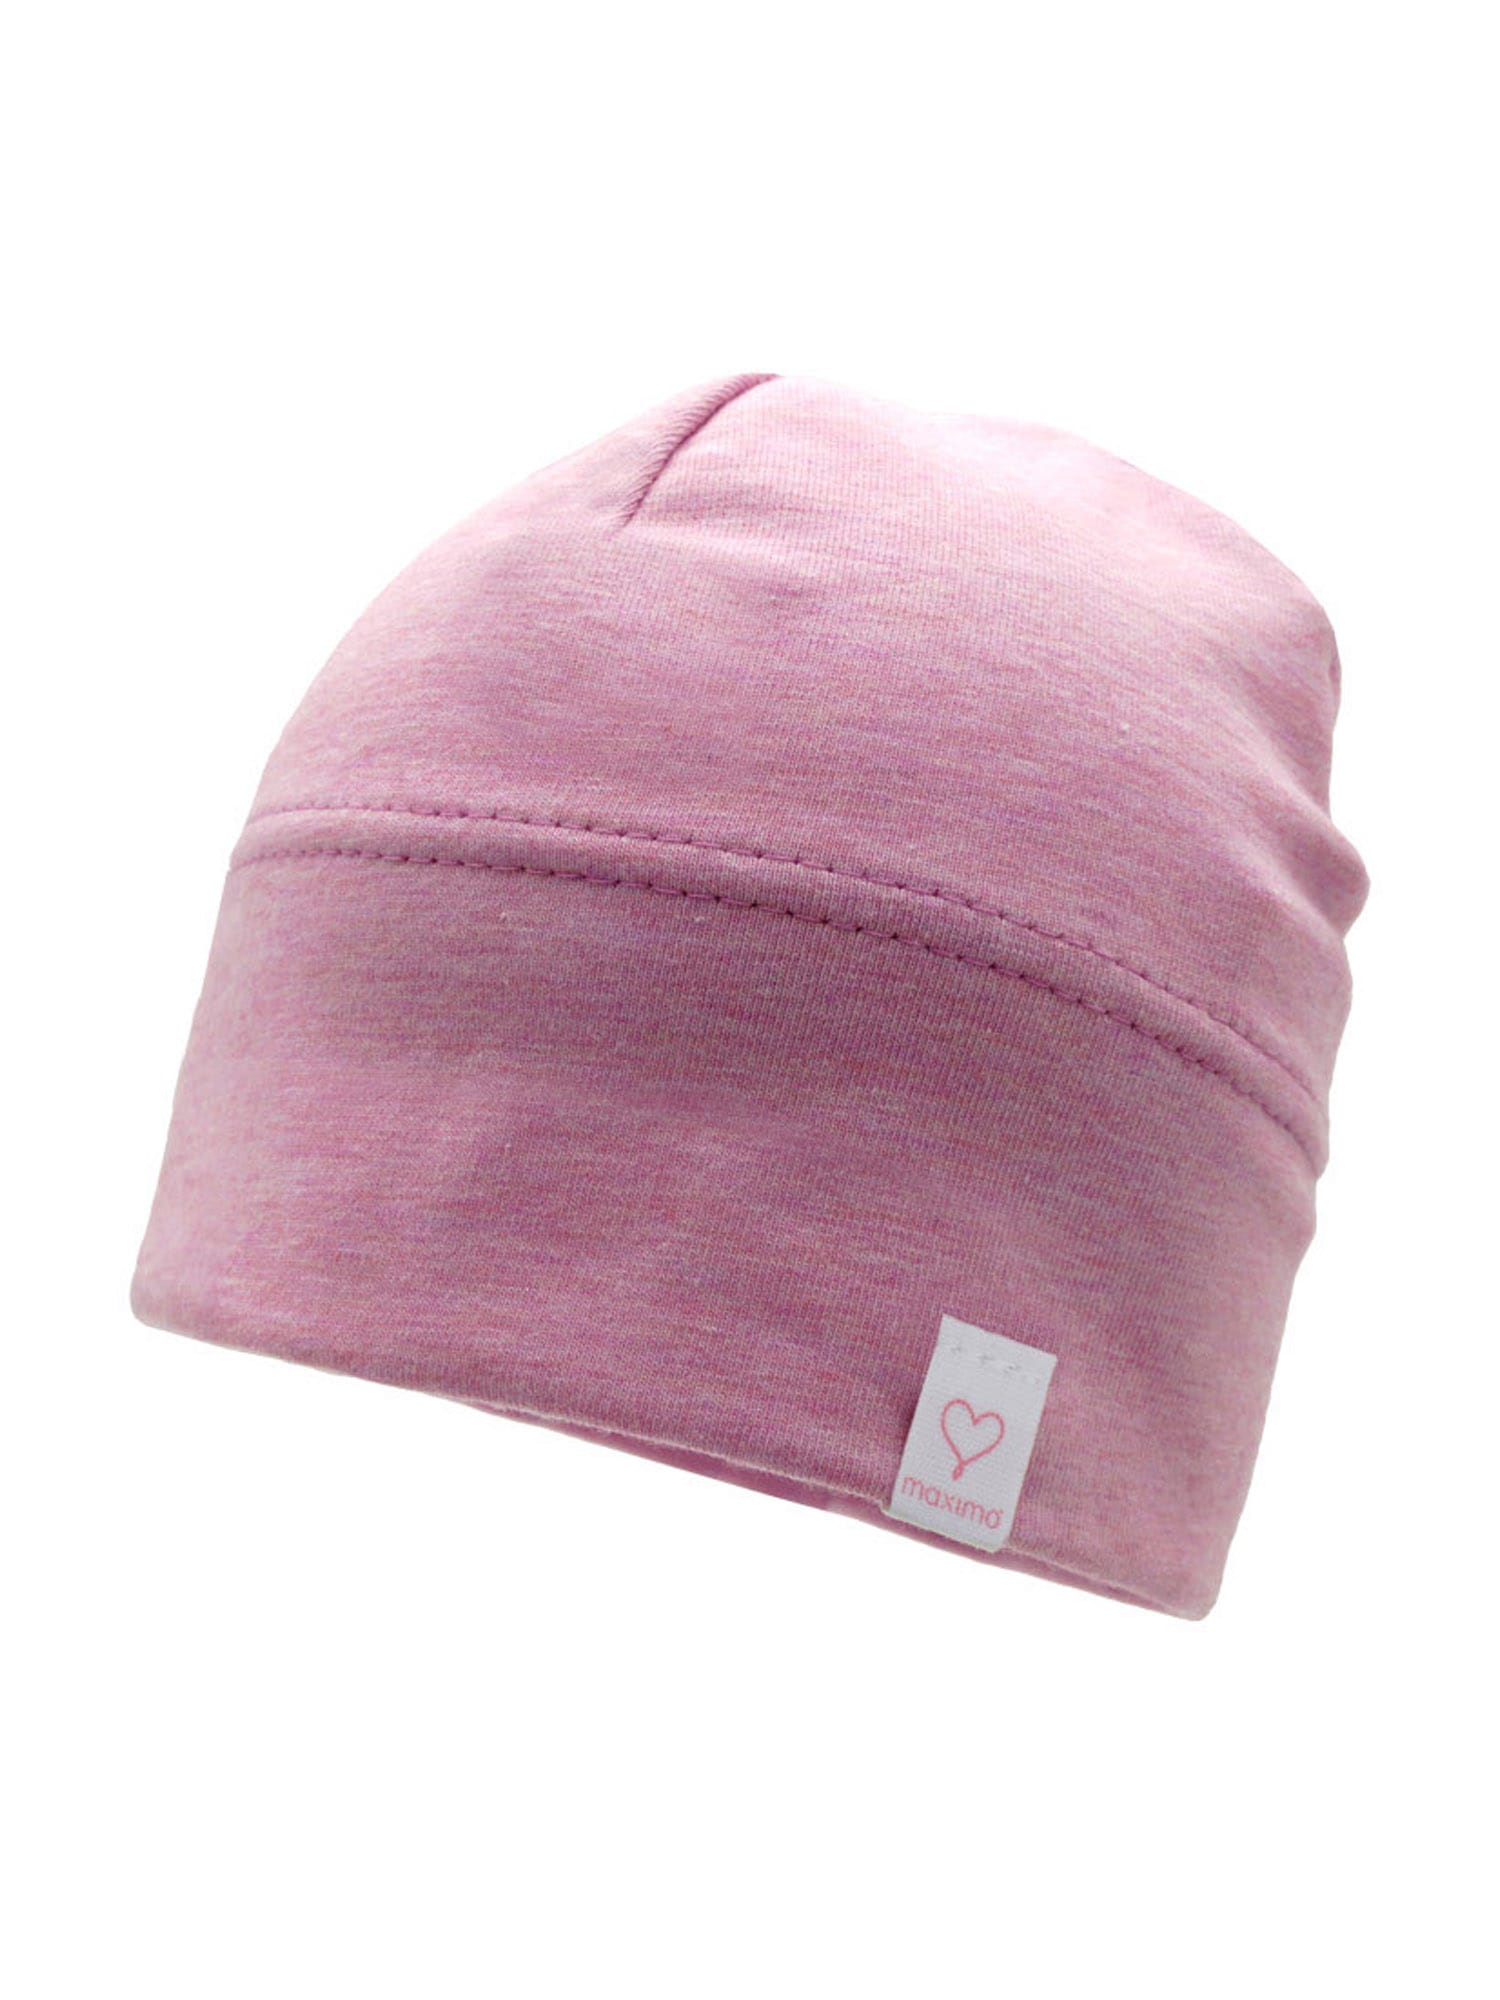 MAXIMO Megzta kepurė ryškiai rožinė spalva